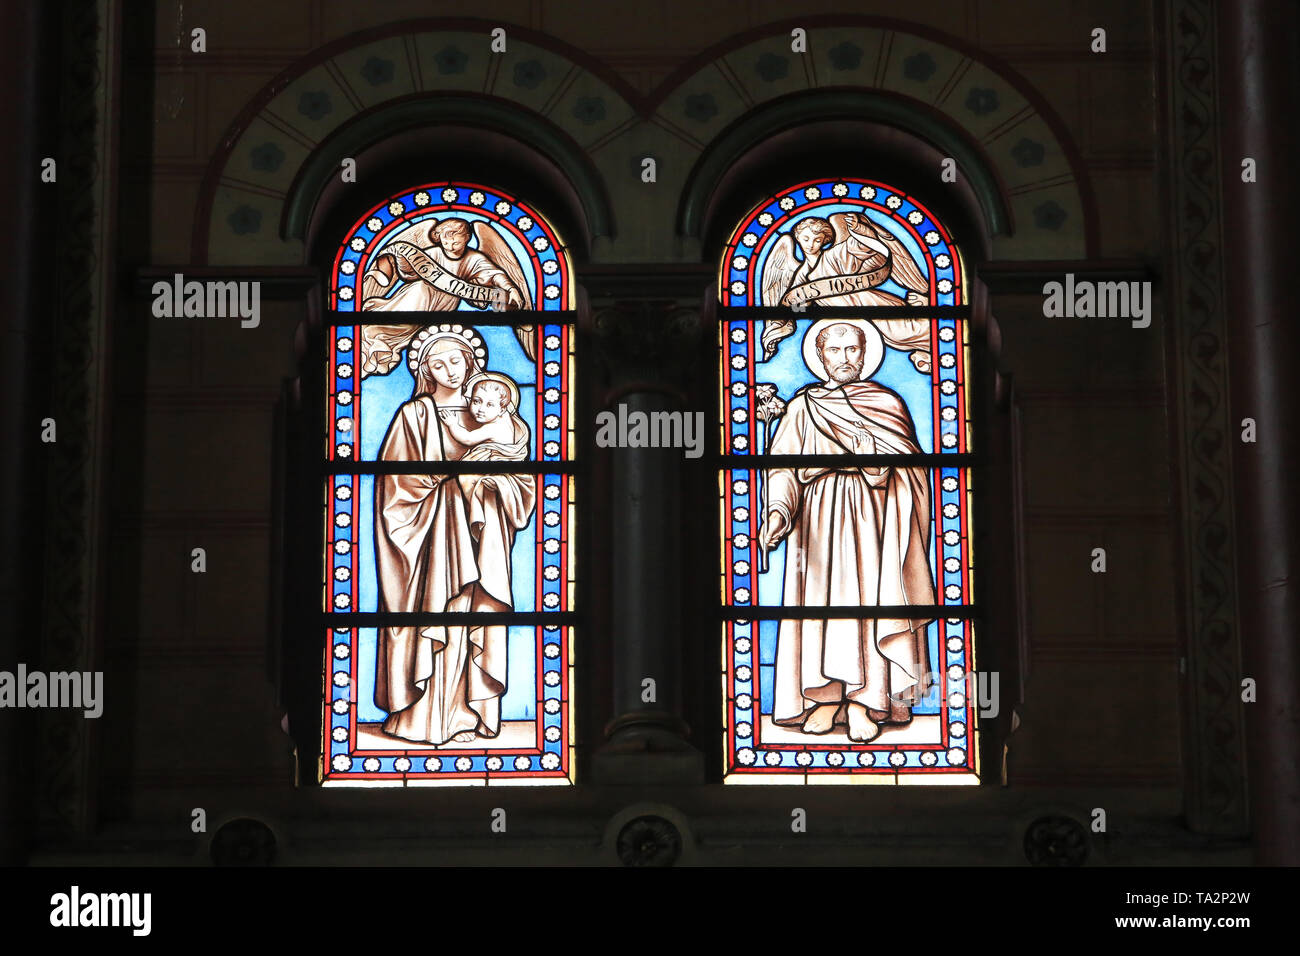 Vierge à l'Enfant. Joseph. Eglise Cook. Saint-Cloud. Jungfrau und Kind. Joseph. Glasmalerei. Kirche St. Clodoald. Saint-Cloud. Stockbild